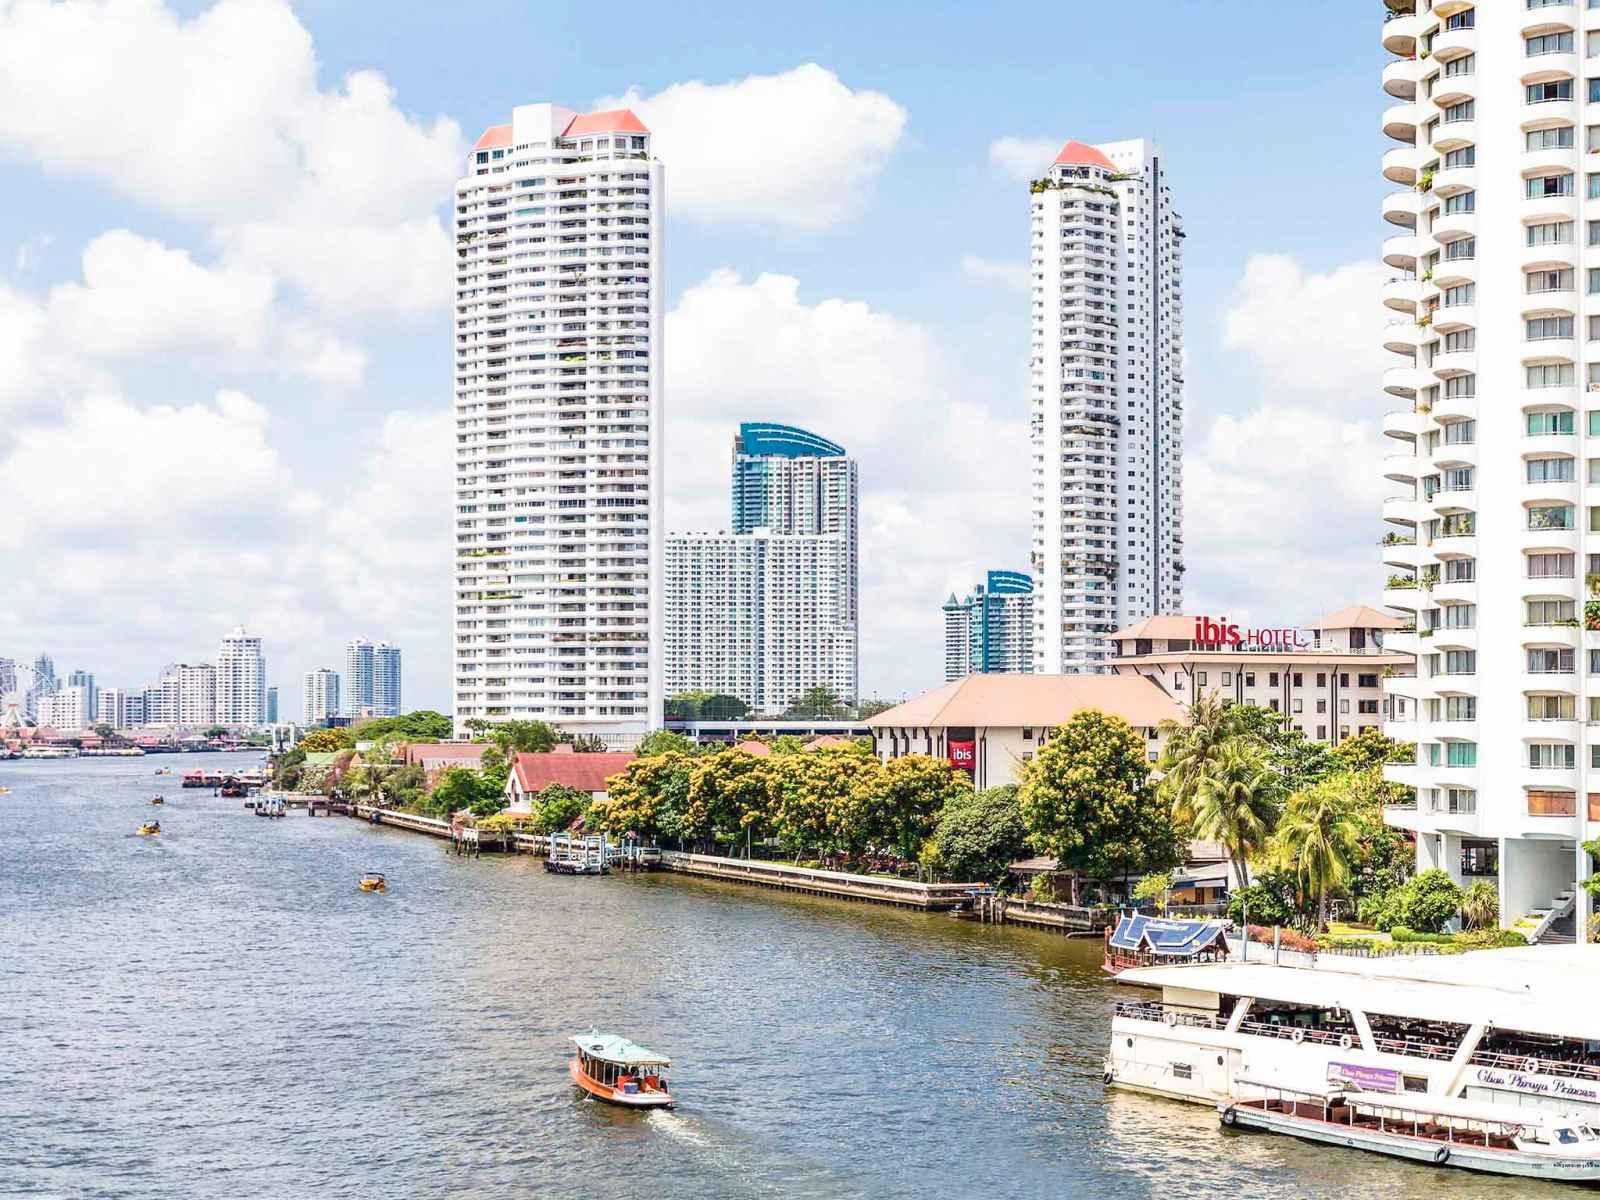 Ibis Bangkok Riverside - 3*